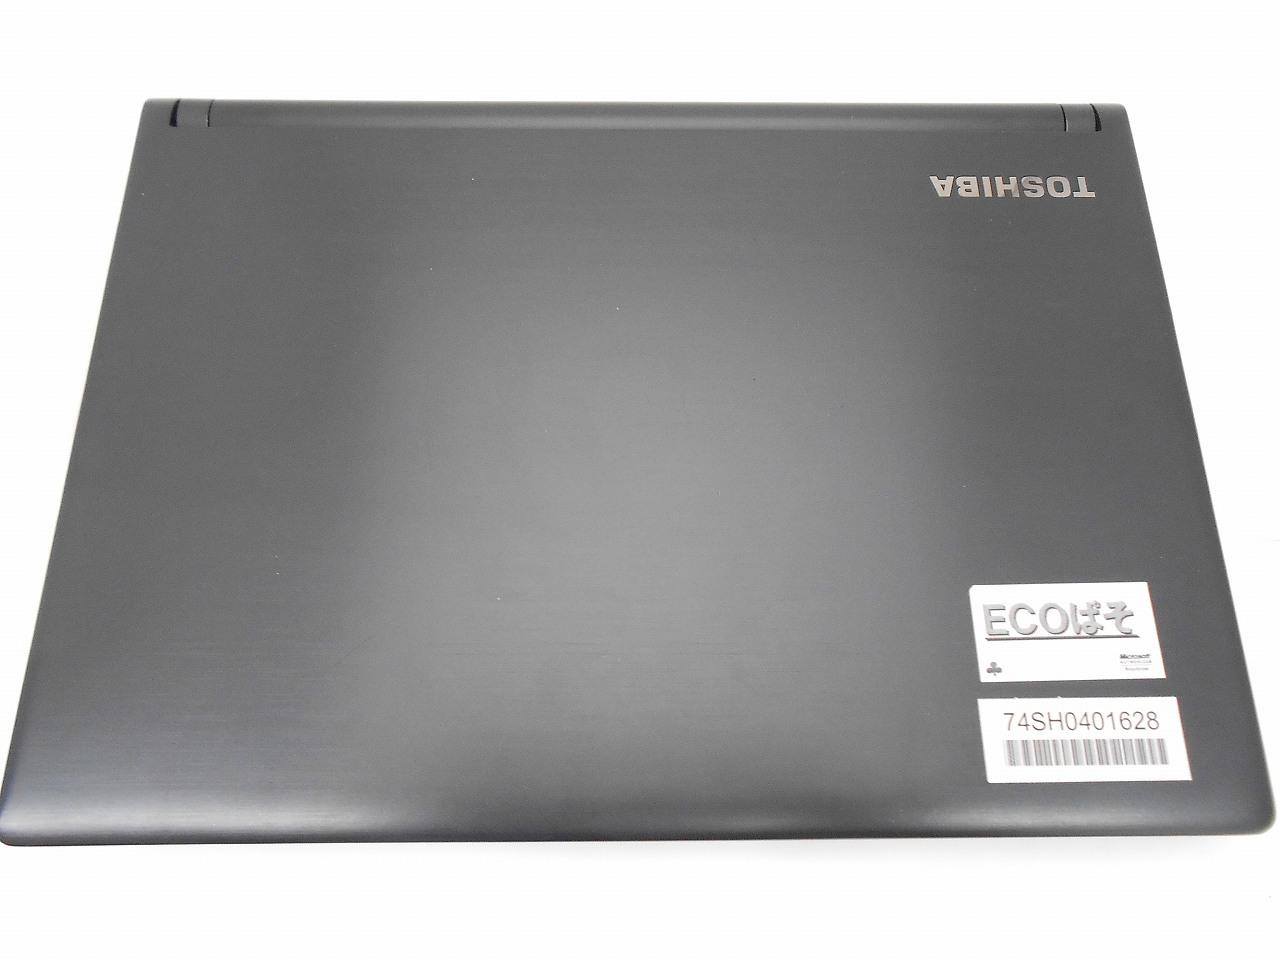 【テレワーク応援】【WPS/外付けWEBカメラ付】【中古】 dynabook R73/U/2016年モデル/Corei3 6100U 2.3GHz/メモリ4GB/SATA500GB/15インチ/Windows10Home【3ヶ月保証】【足立店発送】